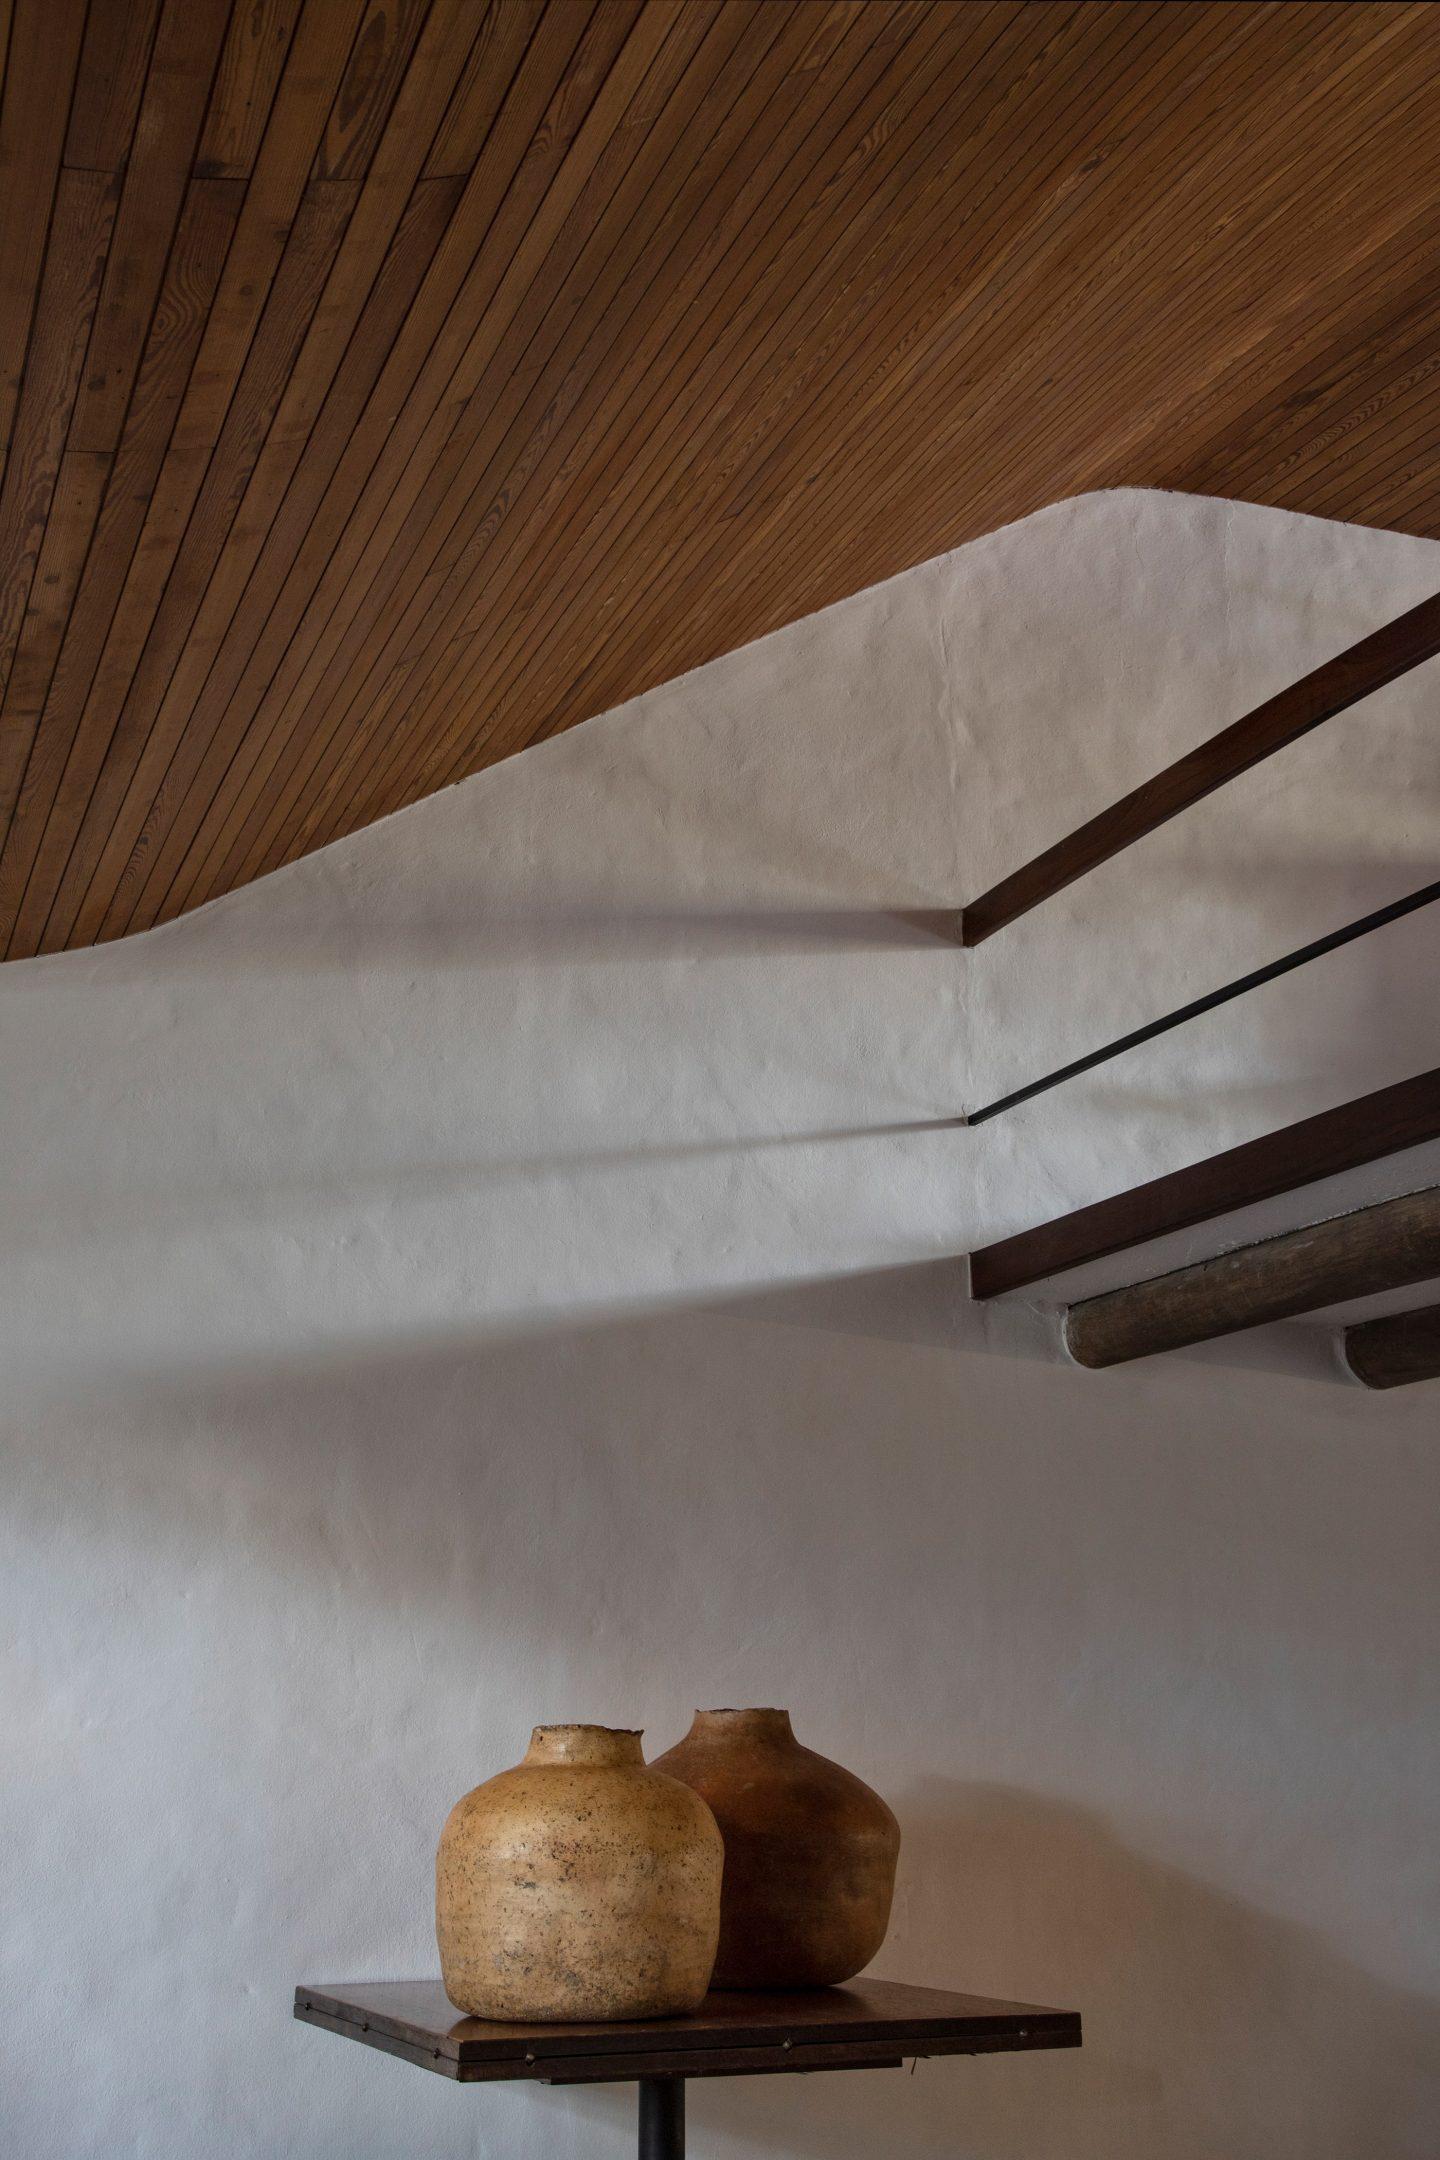 IGNANT-Art-Exhibition-JorgeZalszupin-6